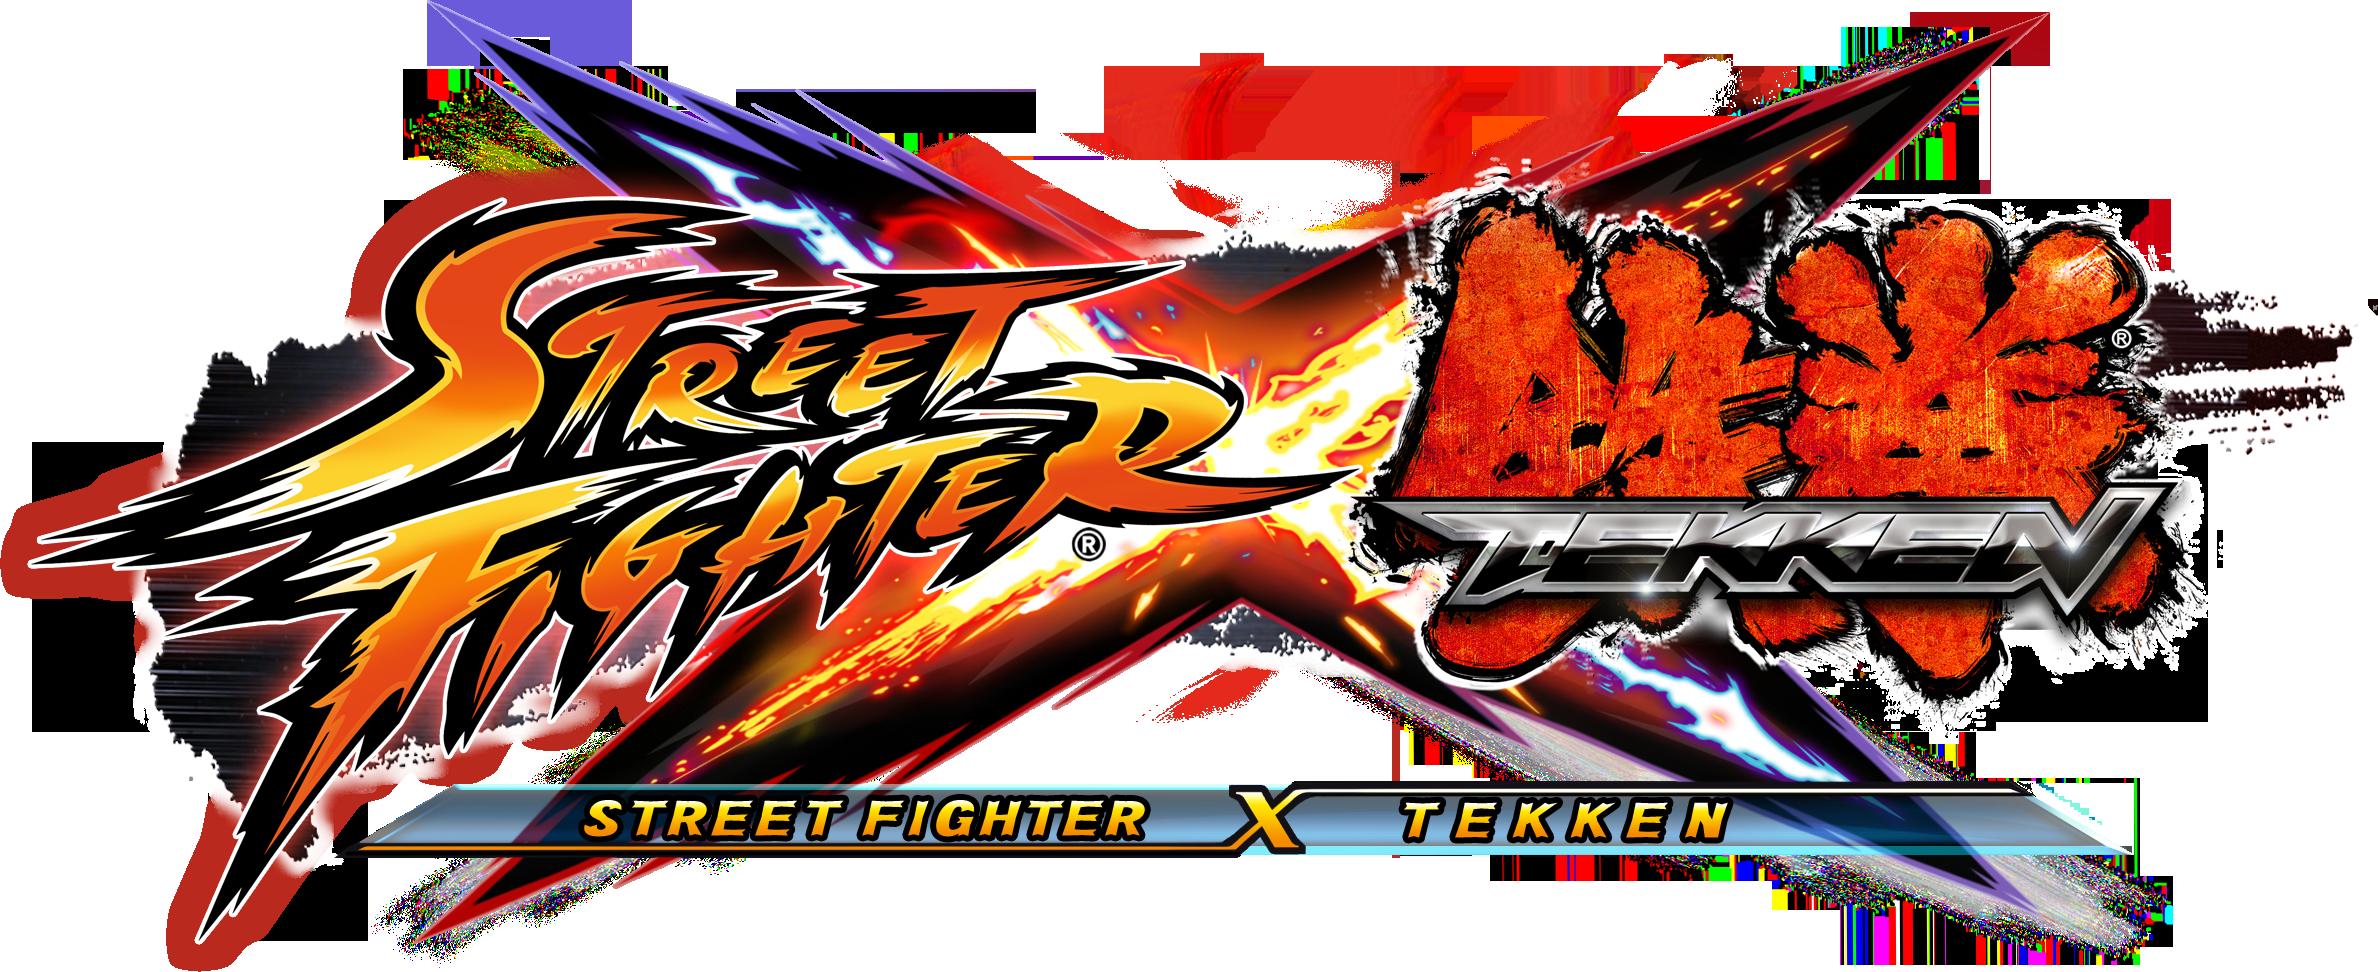 Street Fighter Tekken Street Fighter Wiki Fandom